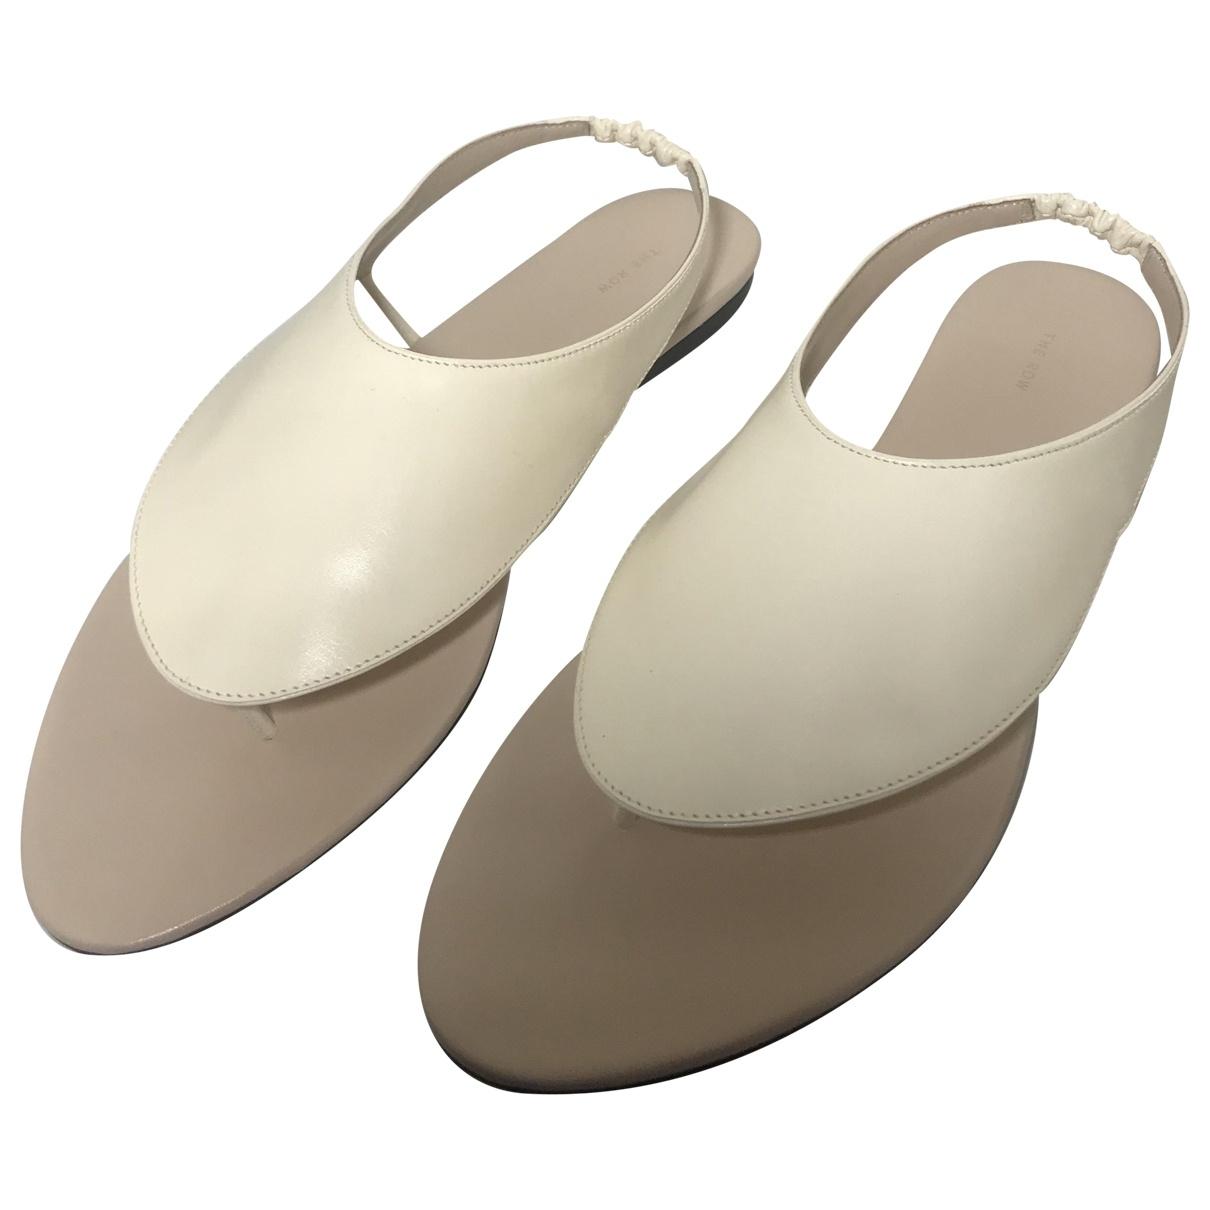 The Row - Sandales Ravello pour femme en cuir